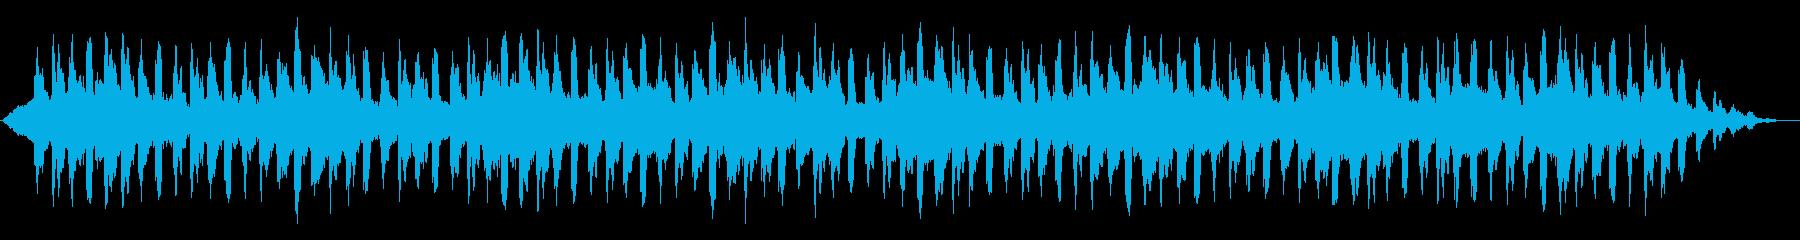 神秘的 穏やか リラクゼーション4の再生済みの波形